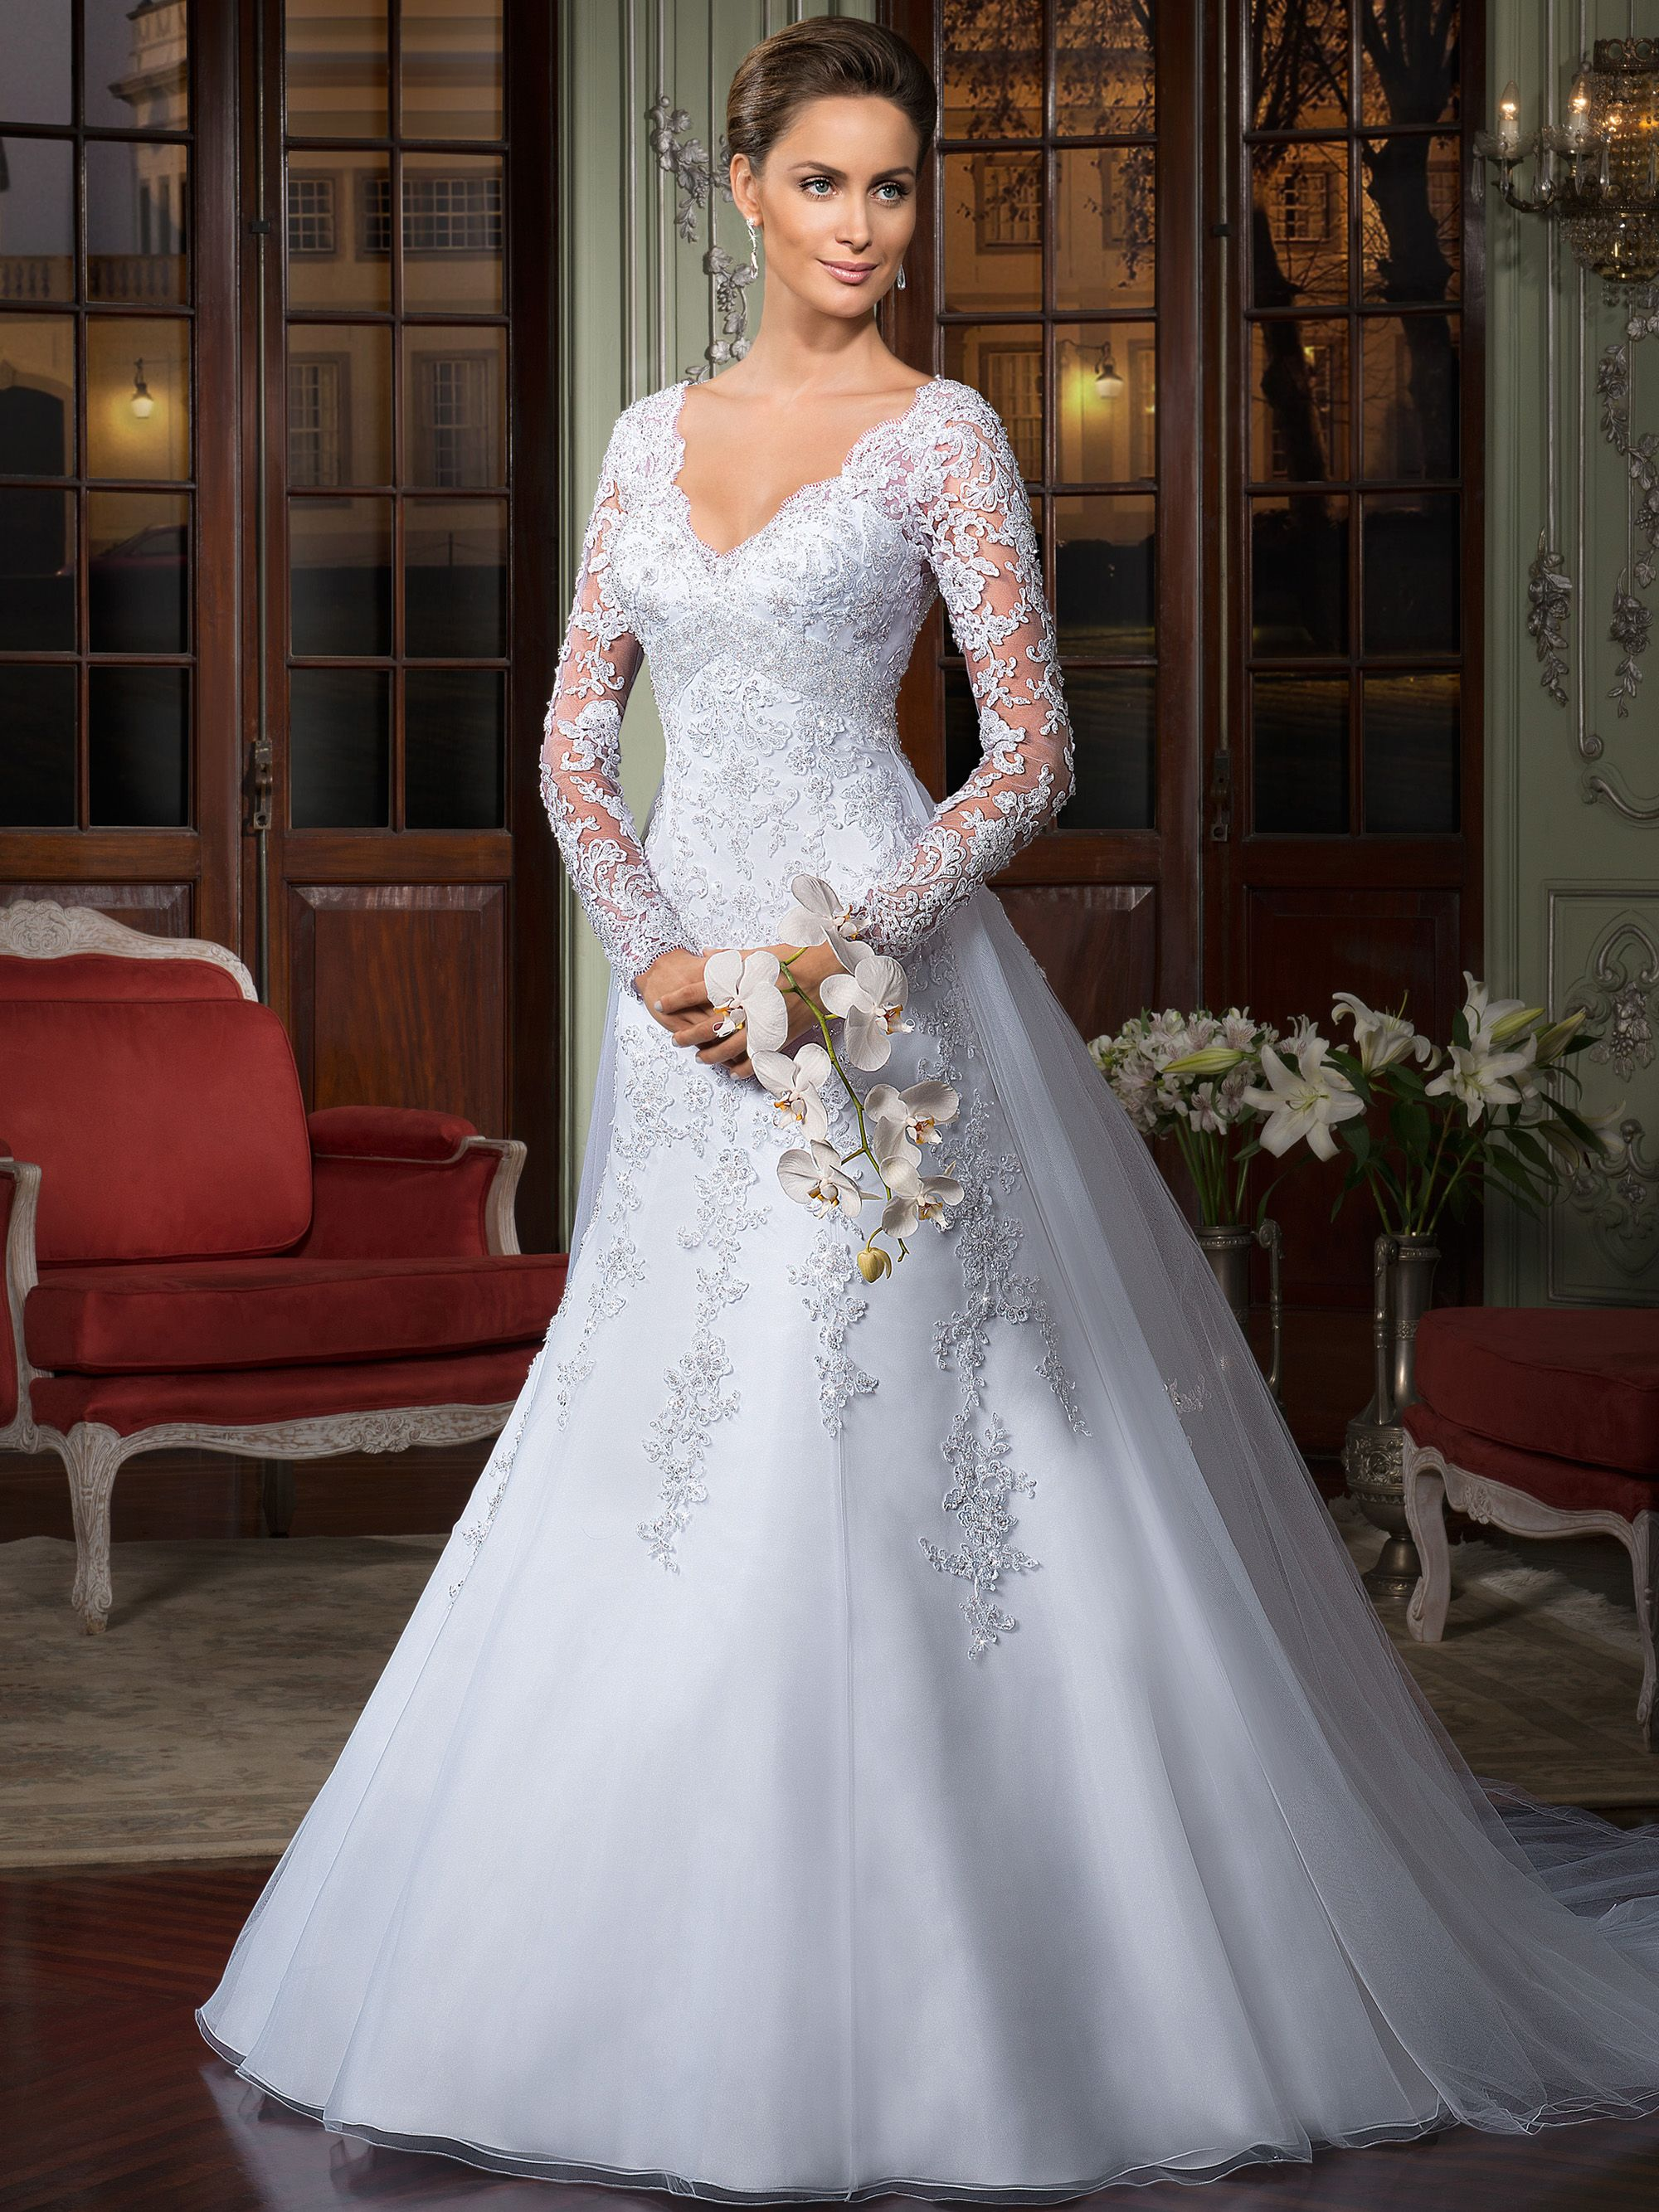 best images about roupas on Pinterest Wedding dresses Dresses